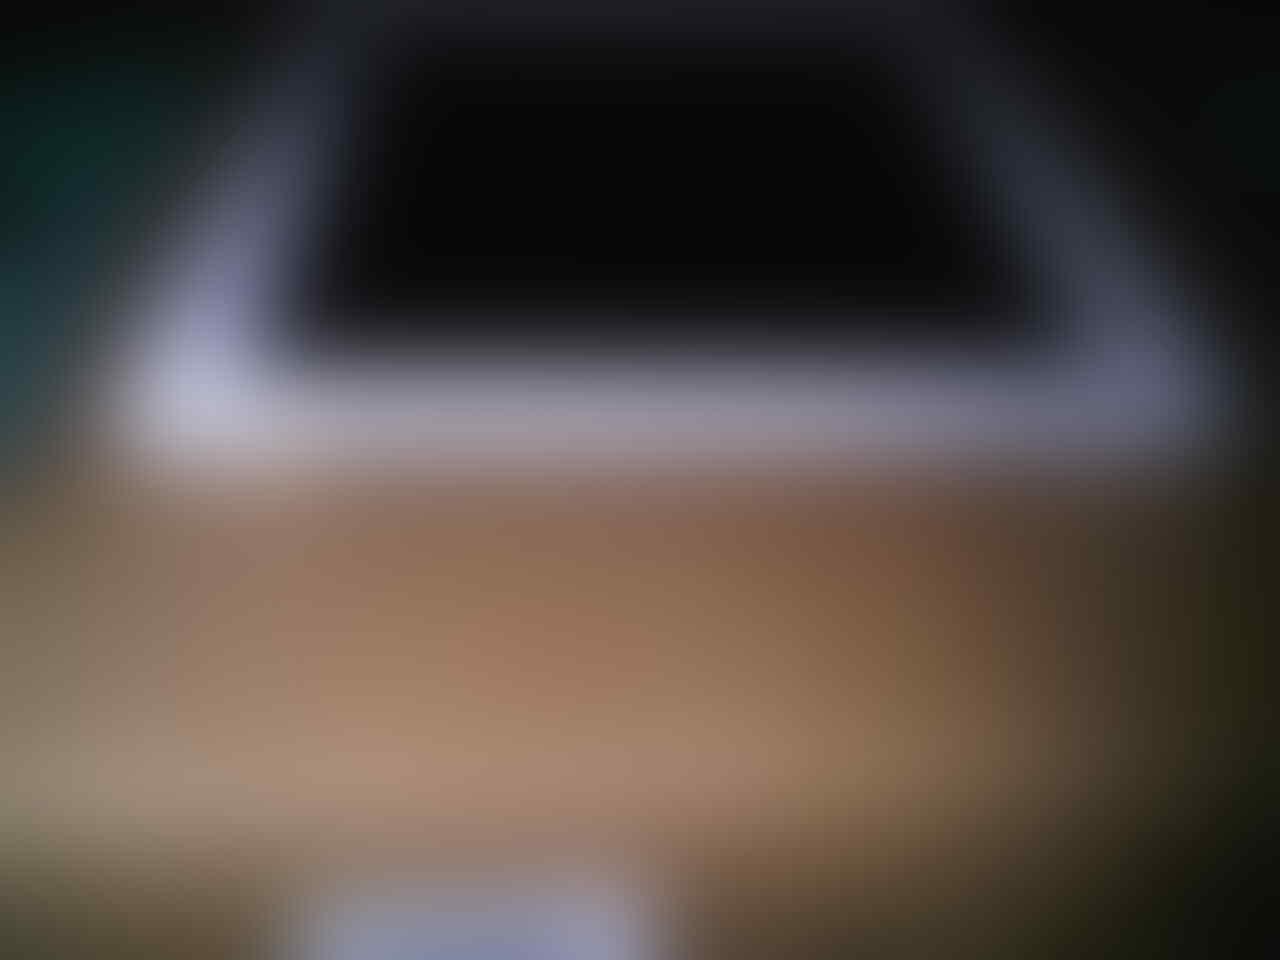 New Ipad 3 4G 16GB White Surabaya